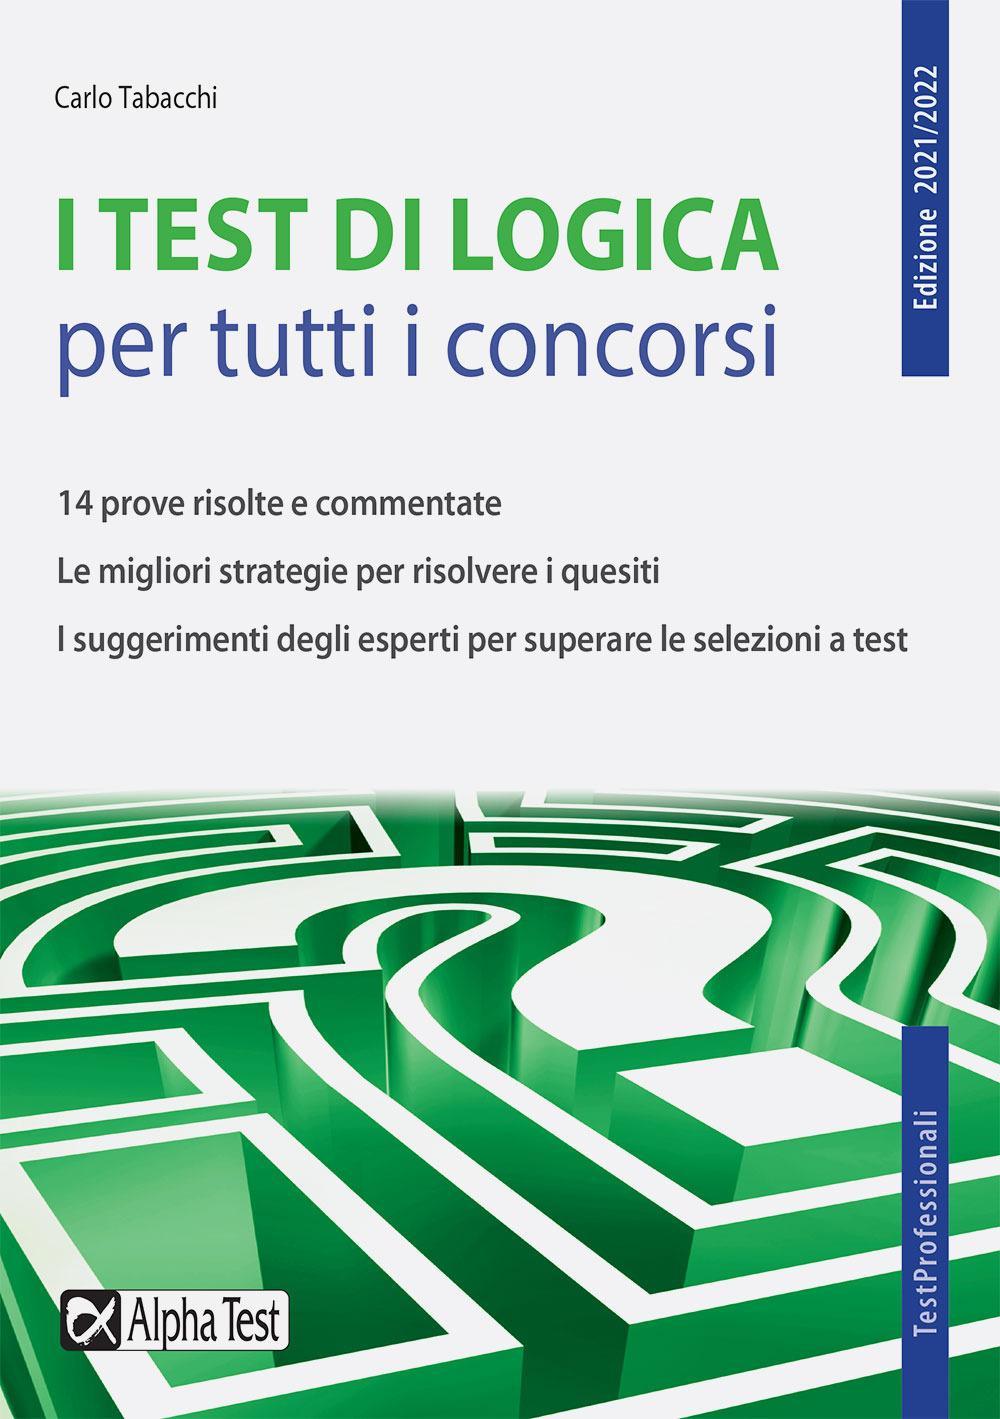 I TEST DI LOGICA PER TUTTI I CONCORSI Alpha Test